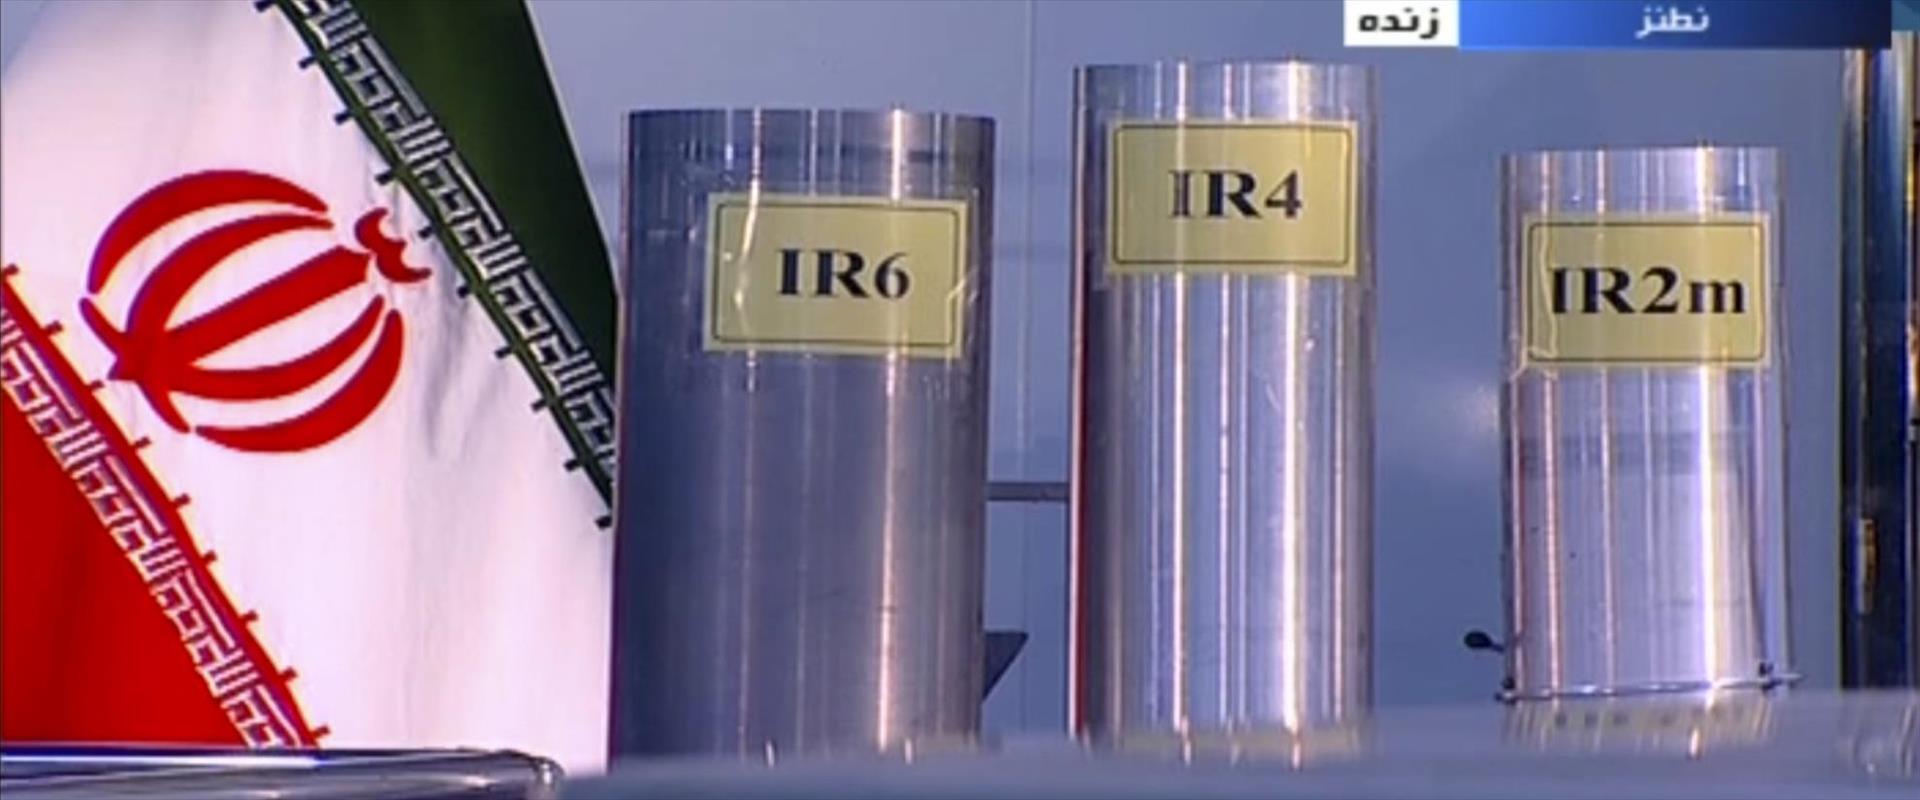 מכלי צנטריפוגות איראניות